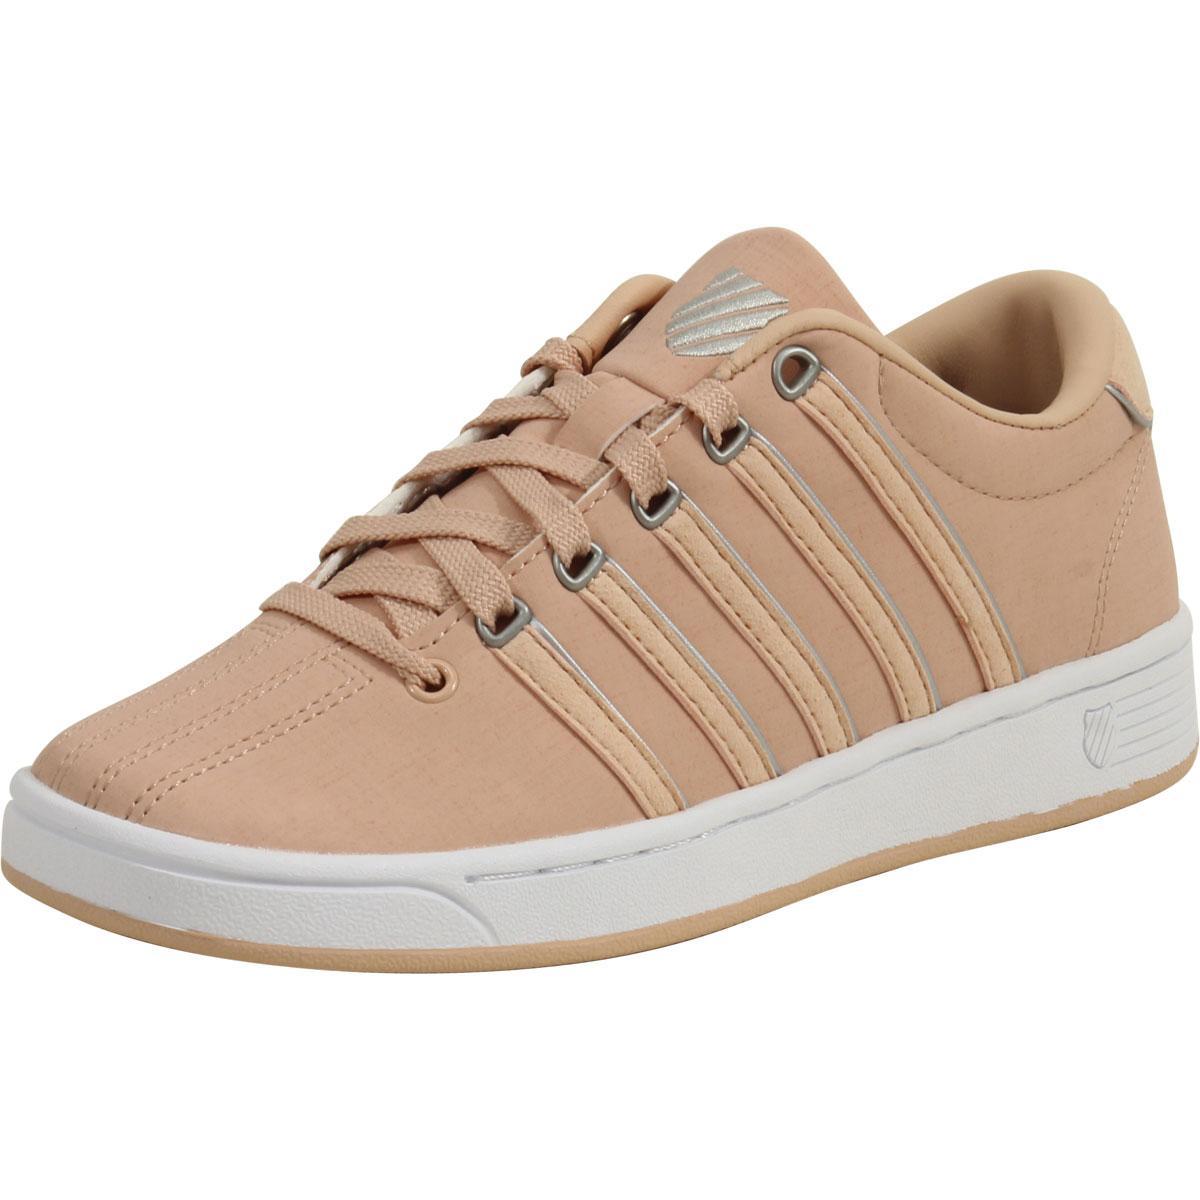 78208bc65fc K-Swiss Women's Court Pro II S SP CMF Memory Foam Sneakers Shoes